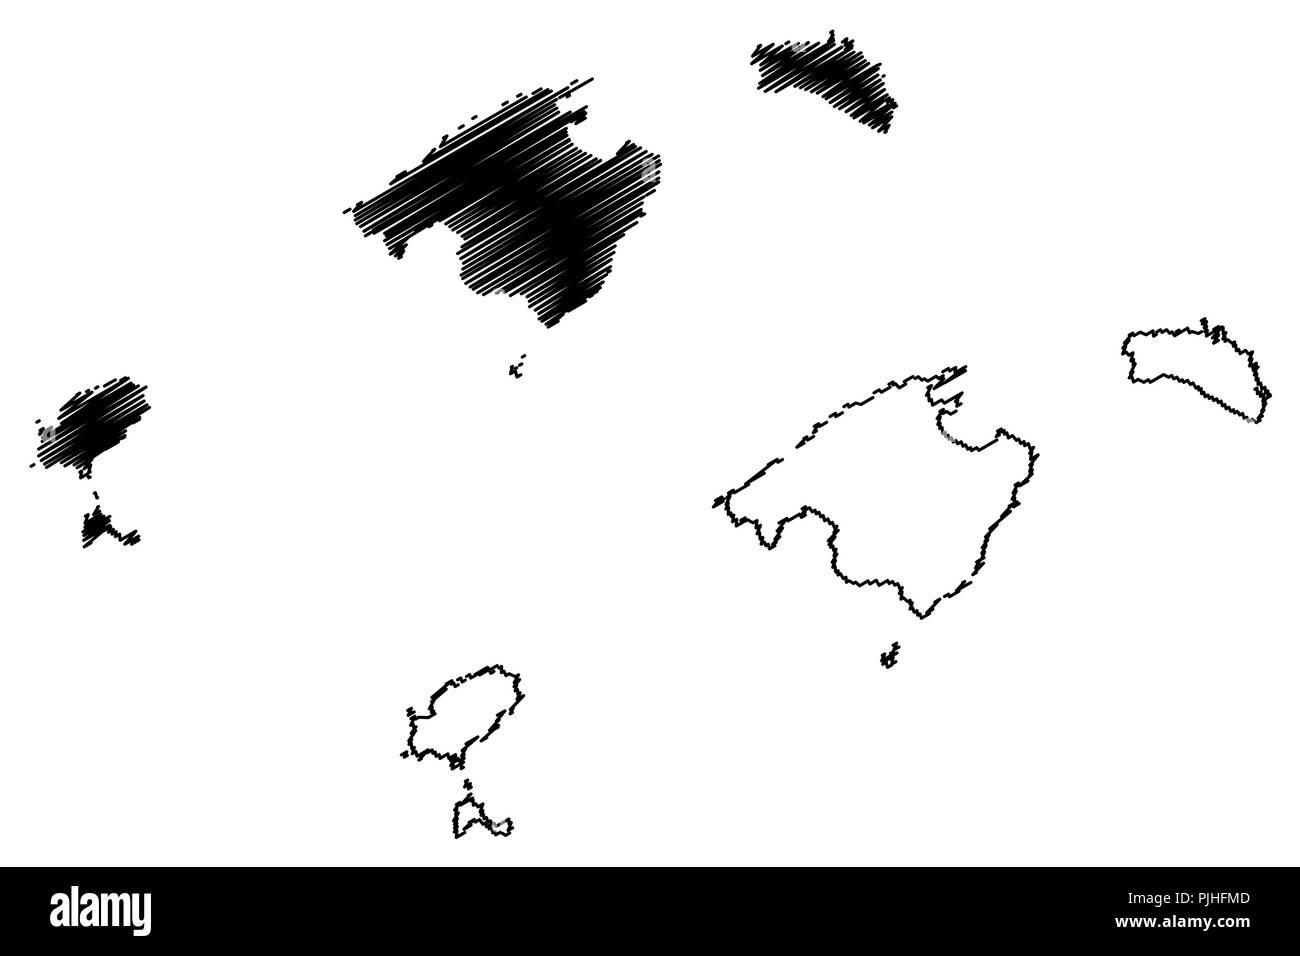 Mallorca Karte Umriss.Balearen Spanien Autonome Gemeinschaft Karte Vektor